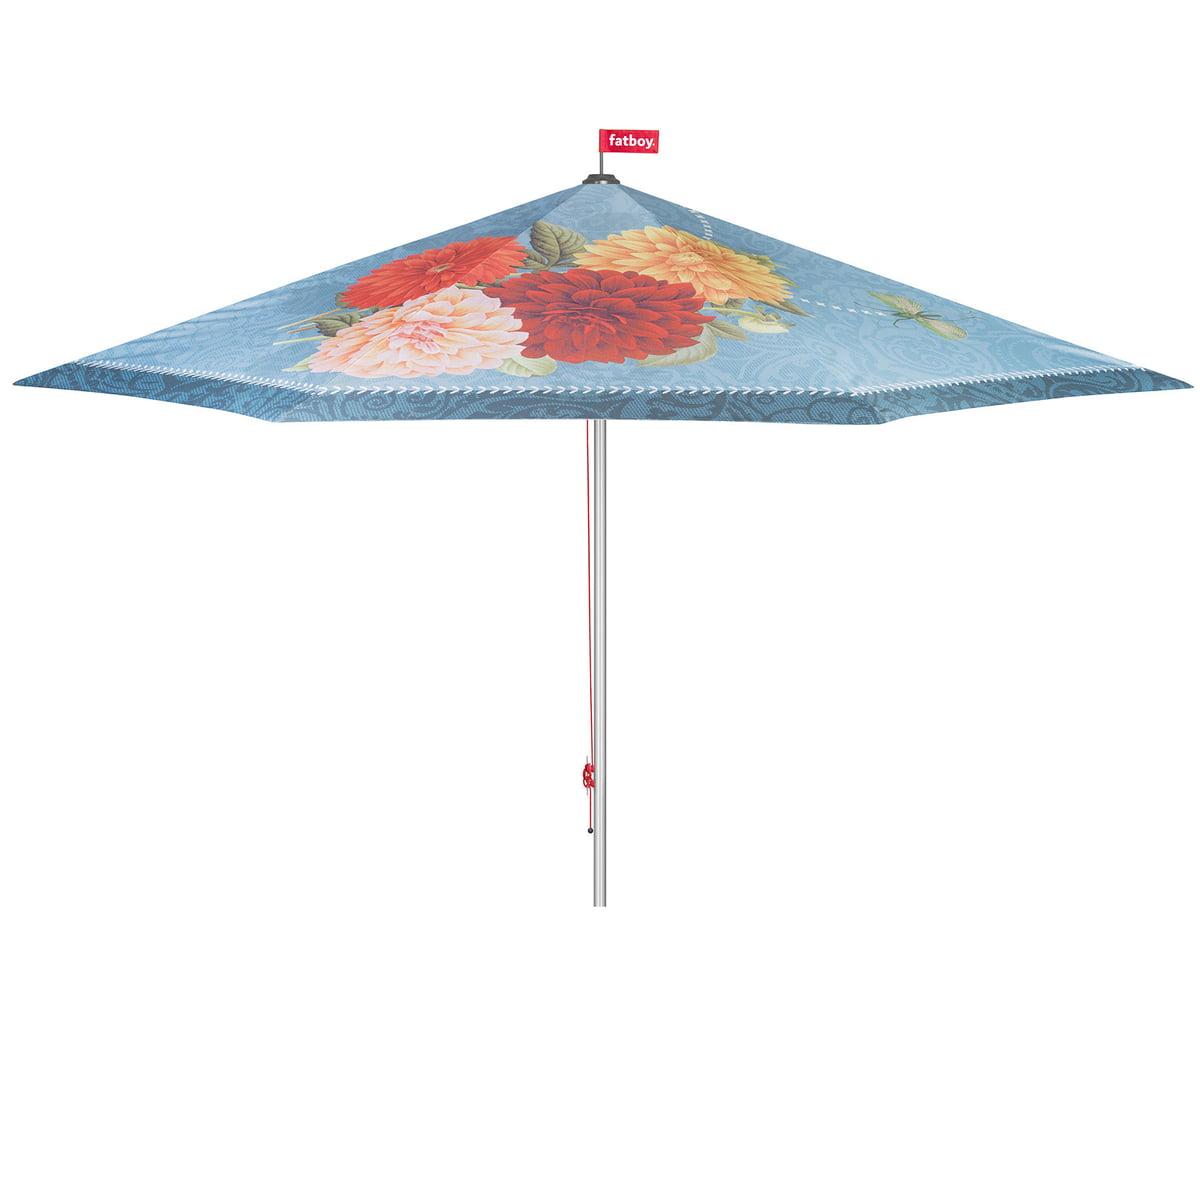 Fatboy parasolasido sonnenschirm blau blumen artikelbild ohne fuss freisteller